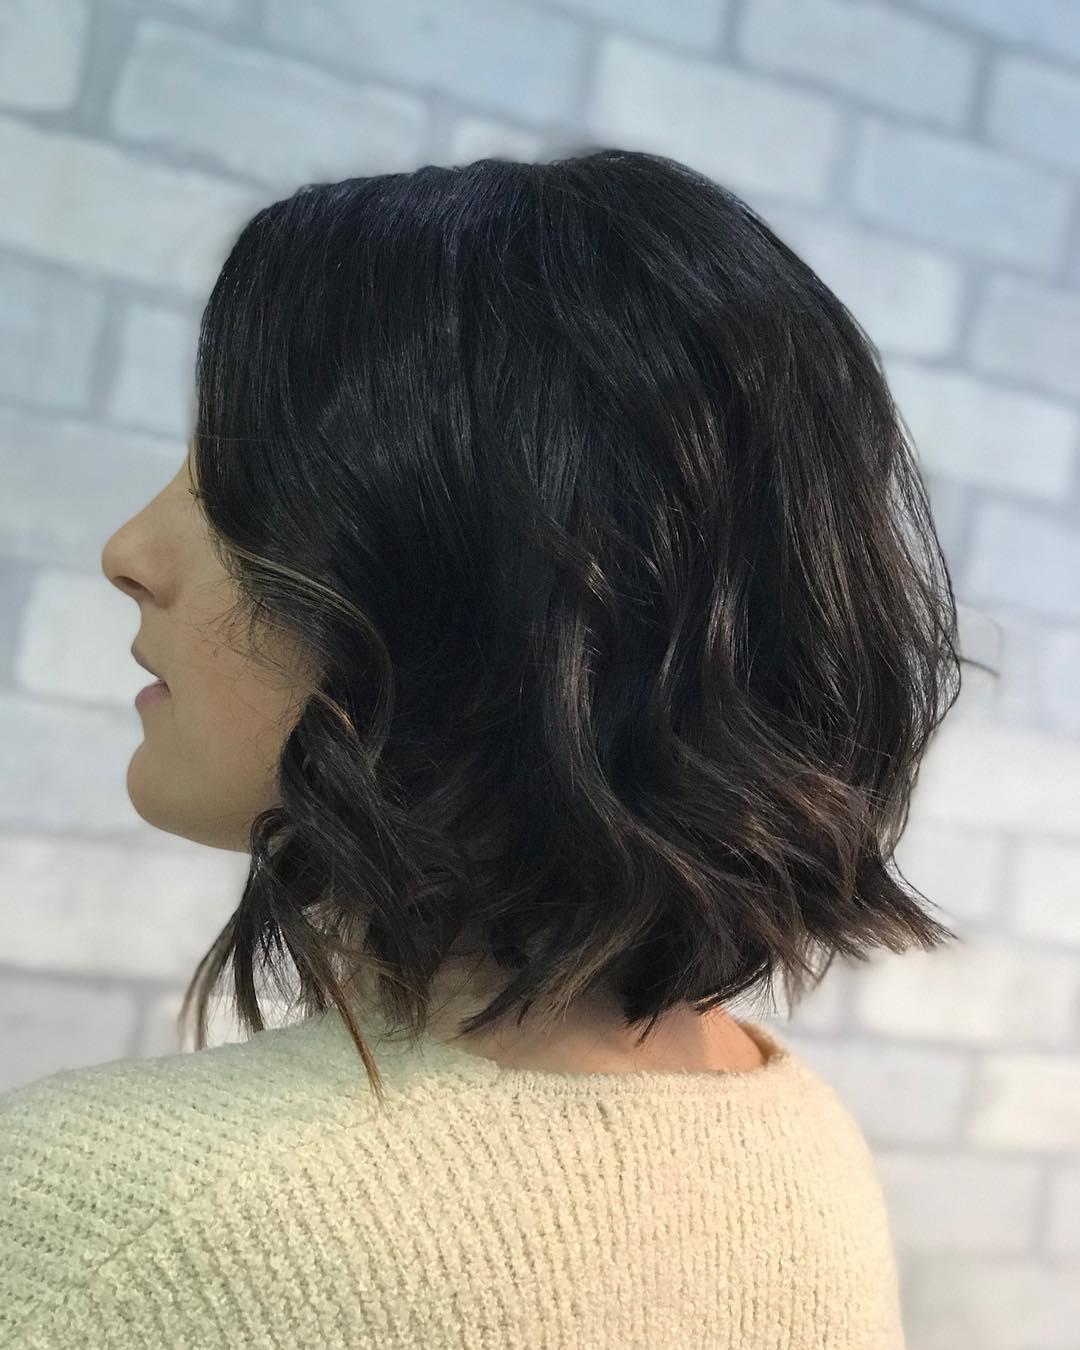 Corte de pelo Bob, tendencia peluquería 2018